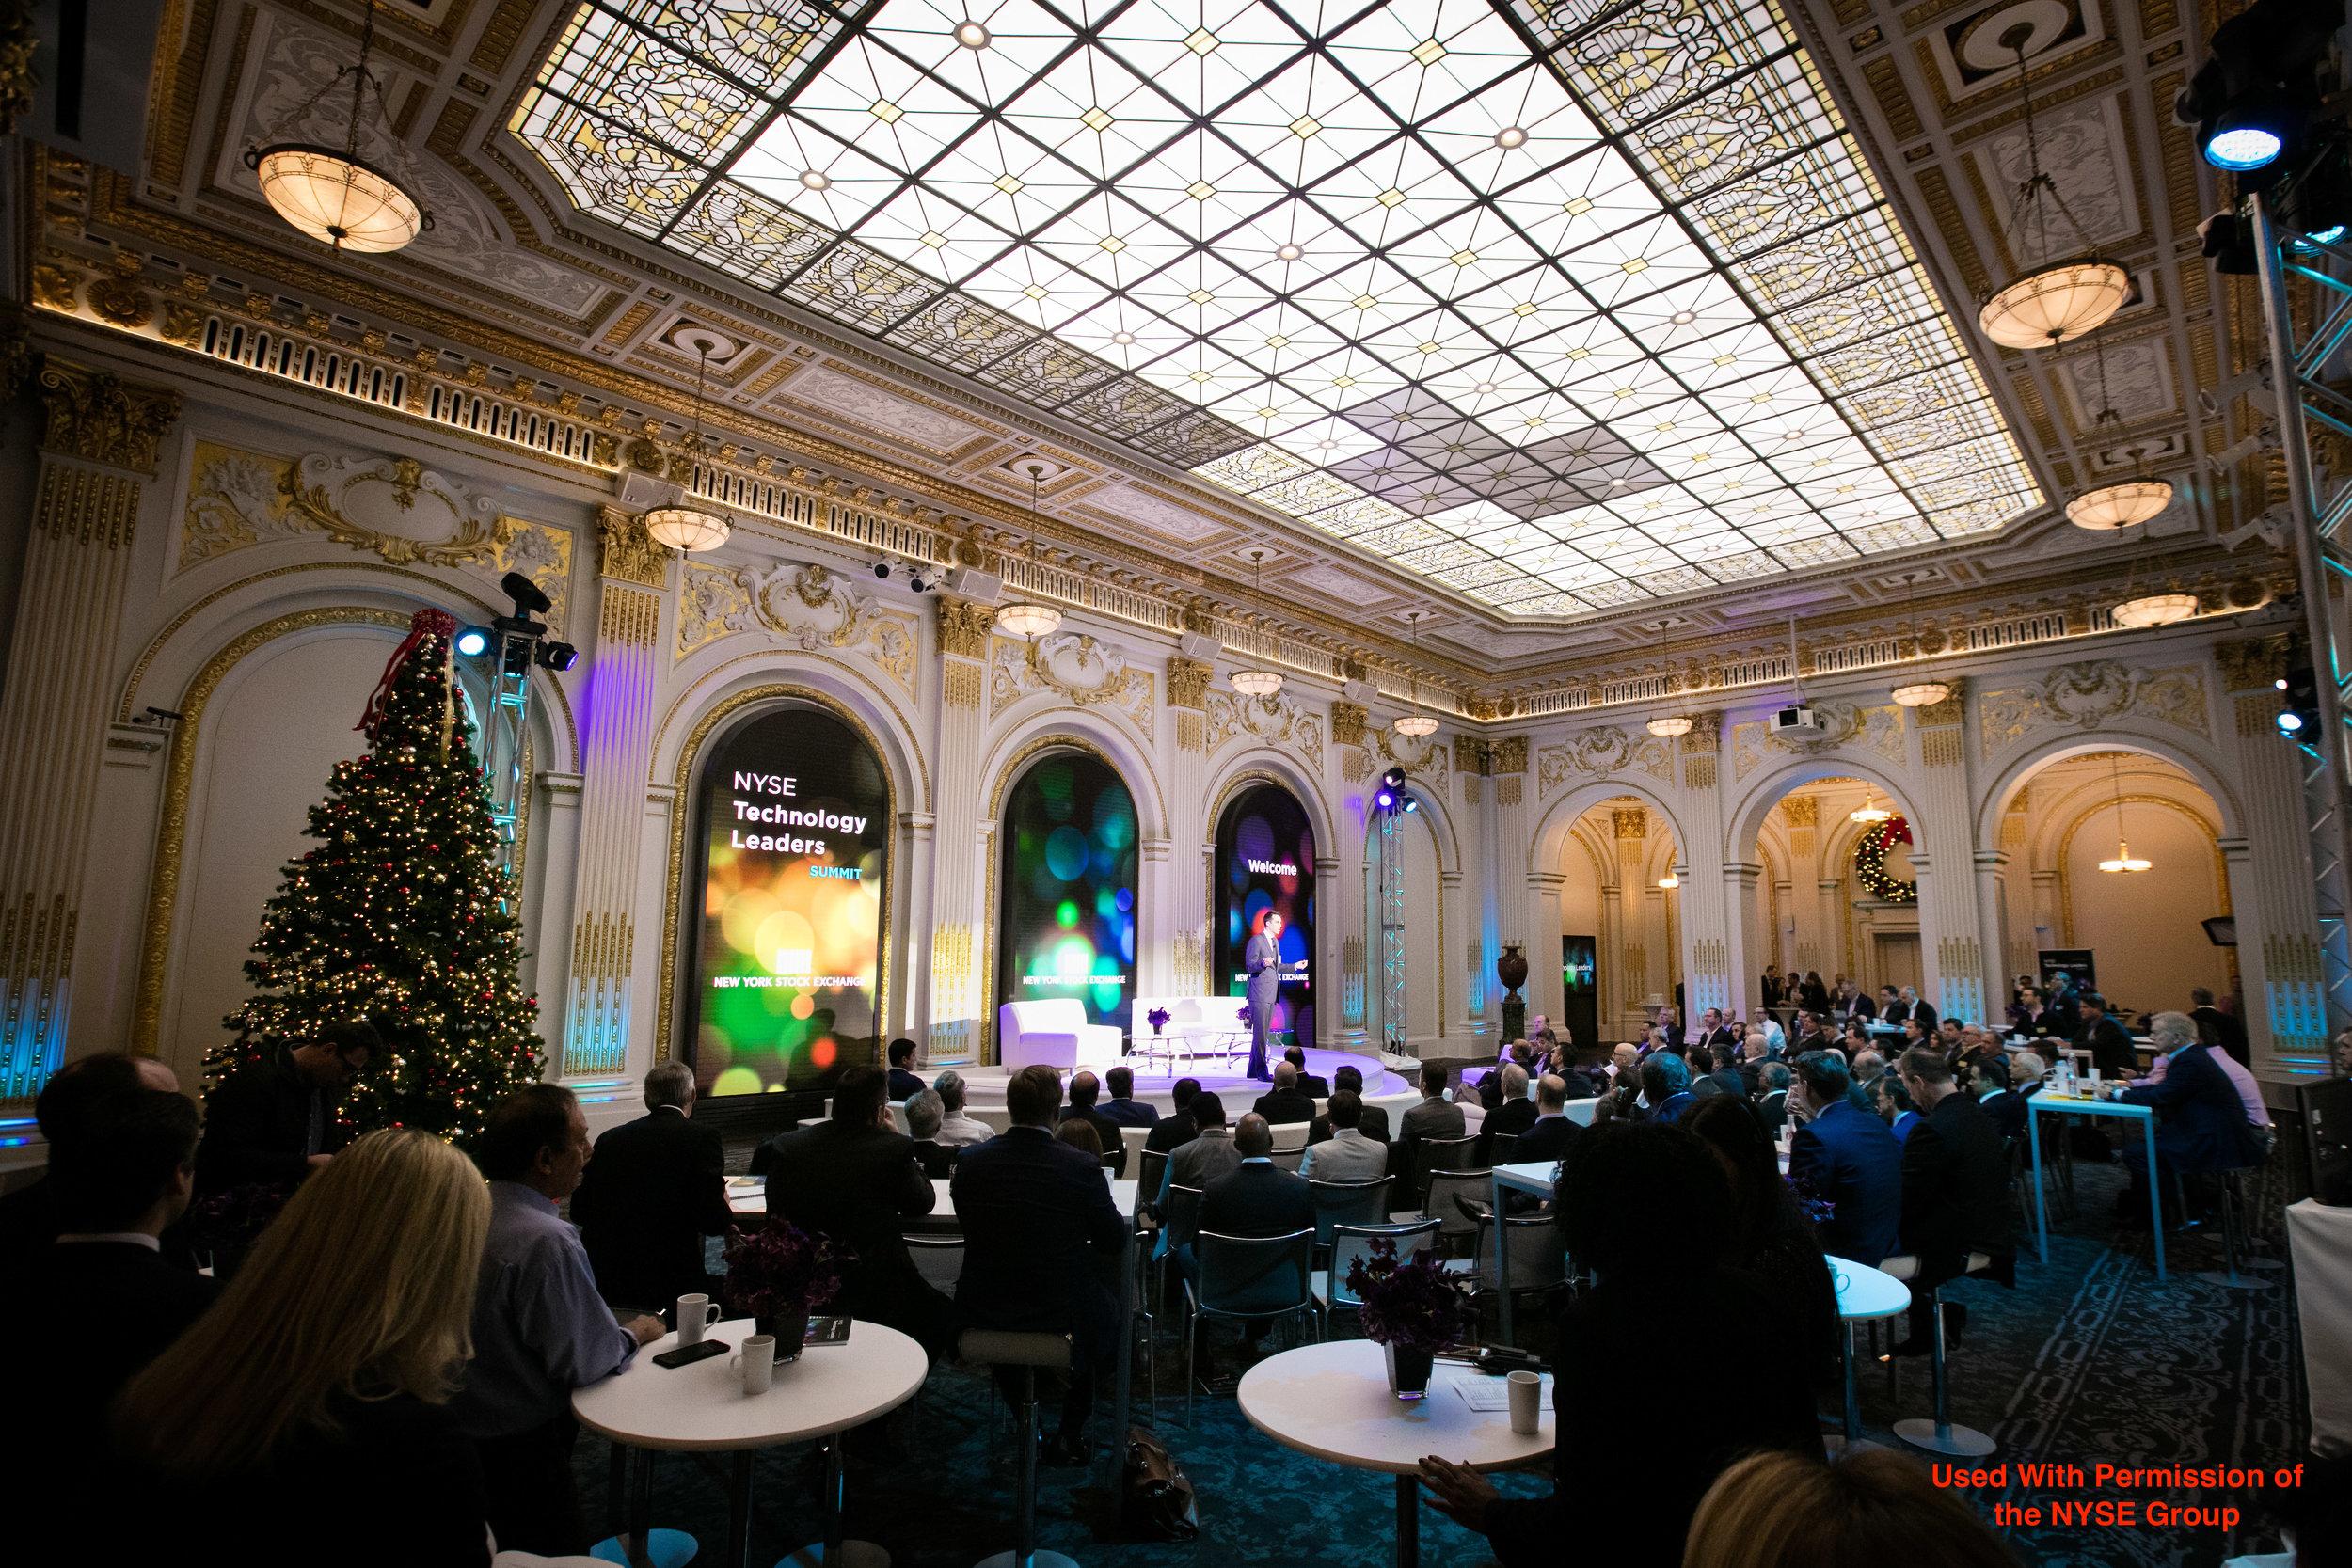 NYSE Leaders Technology Summit 12-5-16.JPG